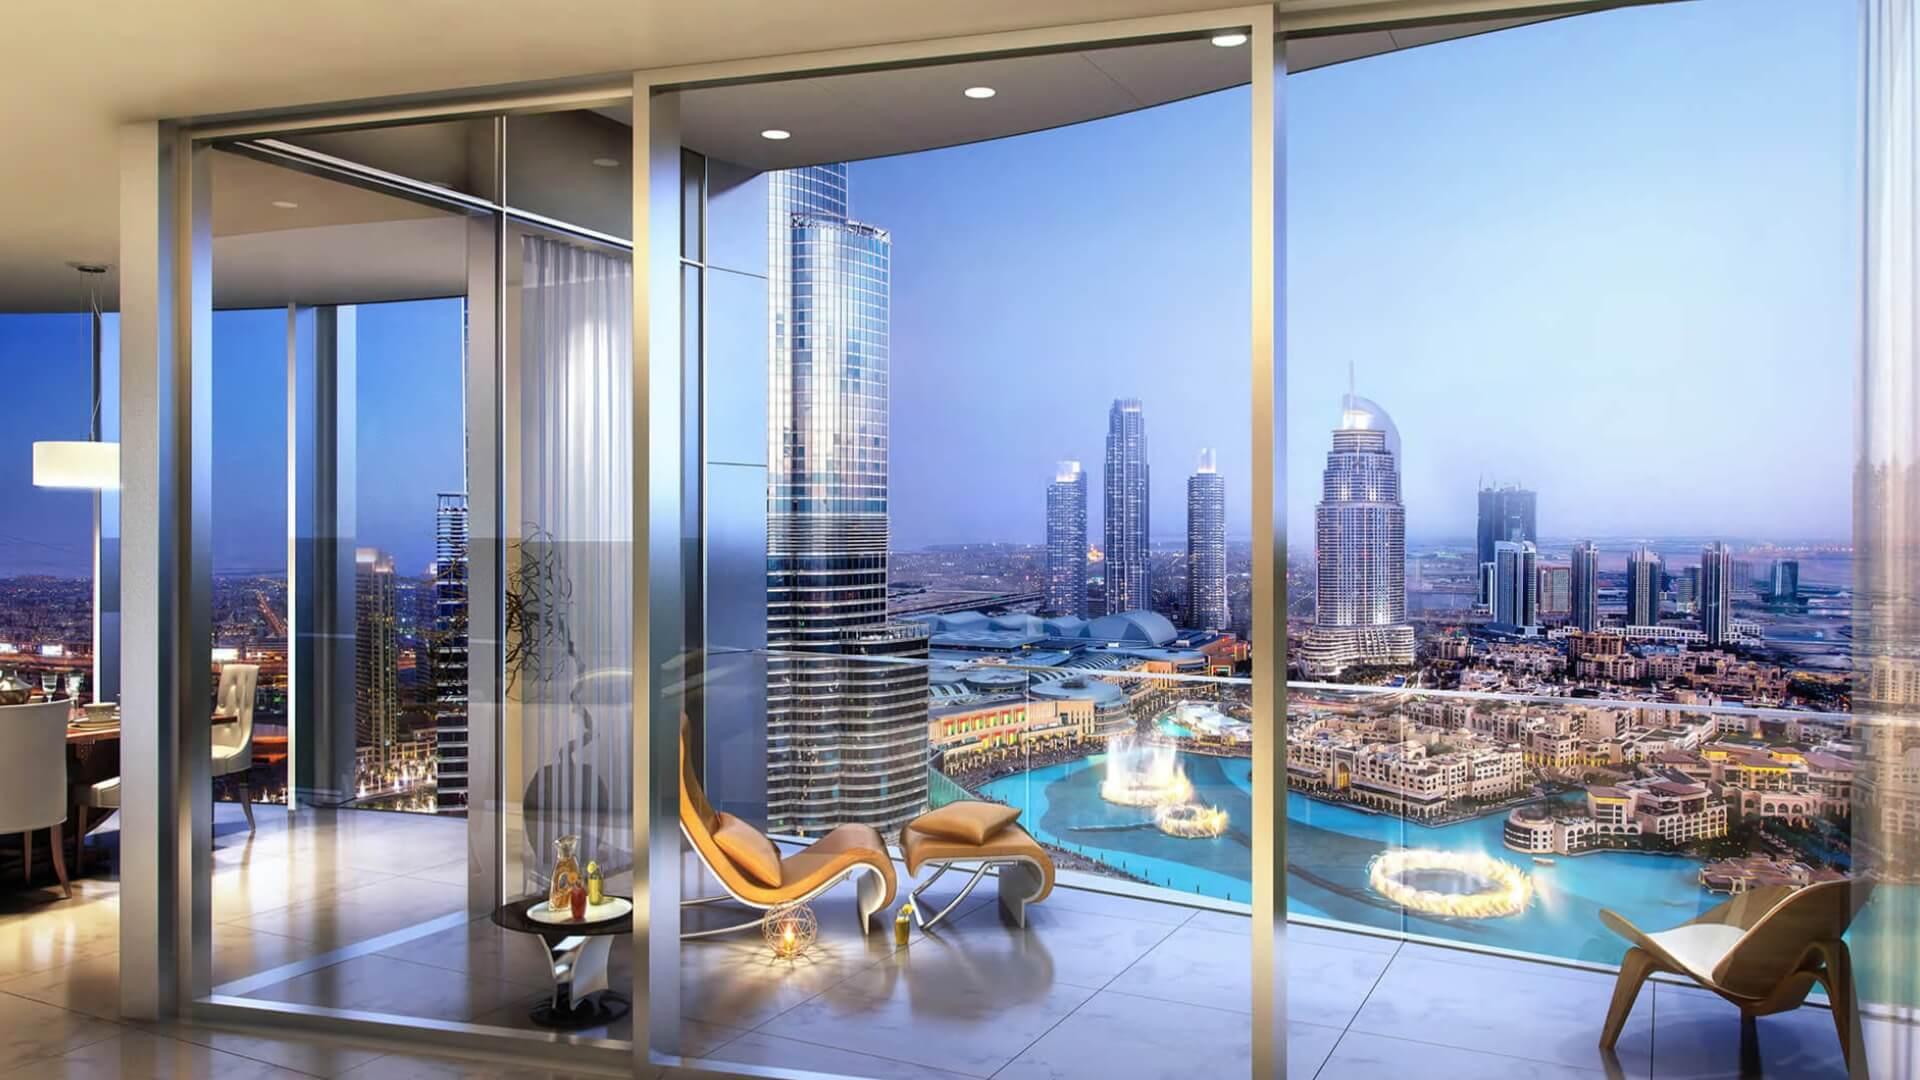 Ático en venta en Dubai, EAU, 4 dormitorios, 500 m2, № 24319 – foto 5